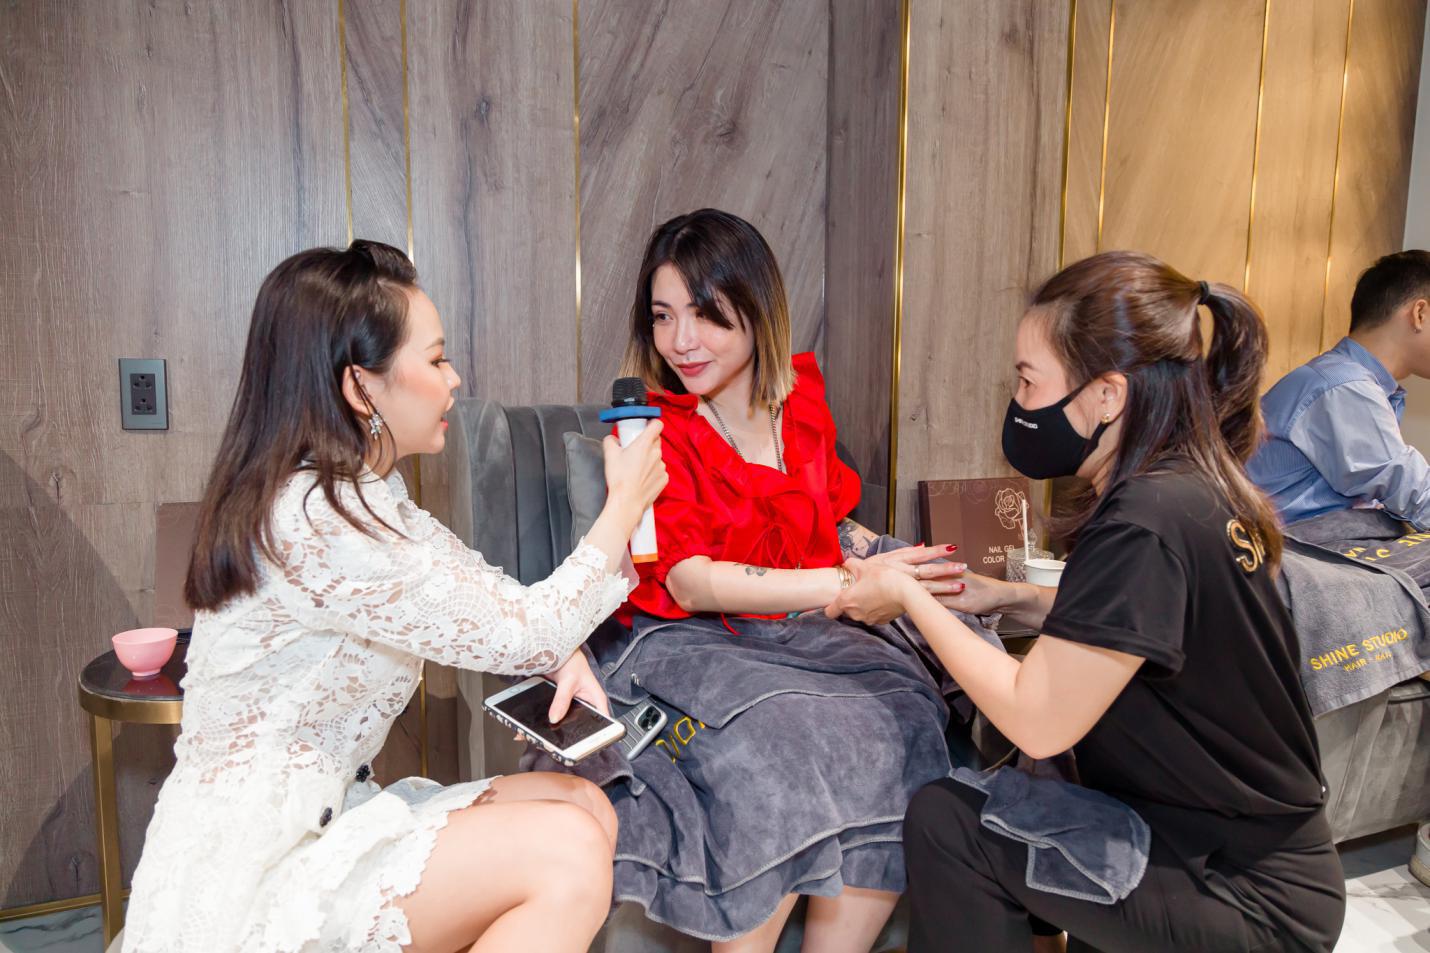 Dàn khách mời nổi tiếng rạng rỡ trong ngày khai trương Shine Studio Sài Gòn - Ảnh 2.